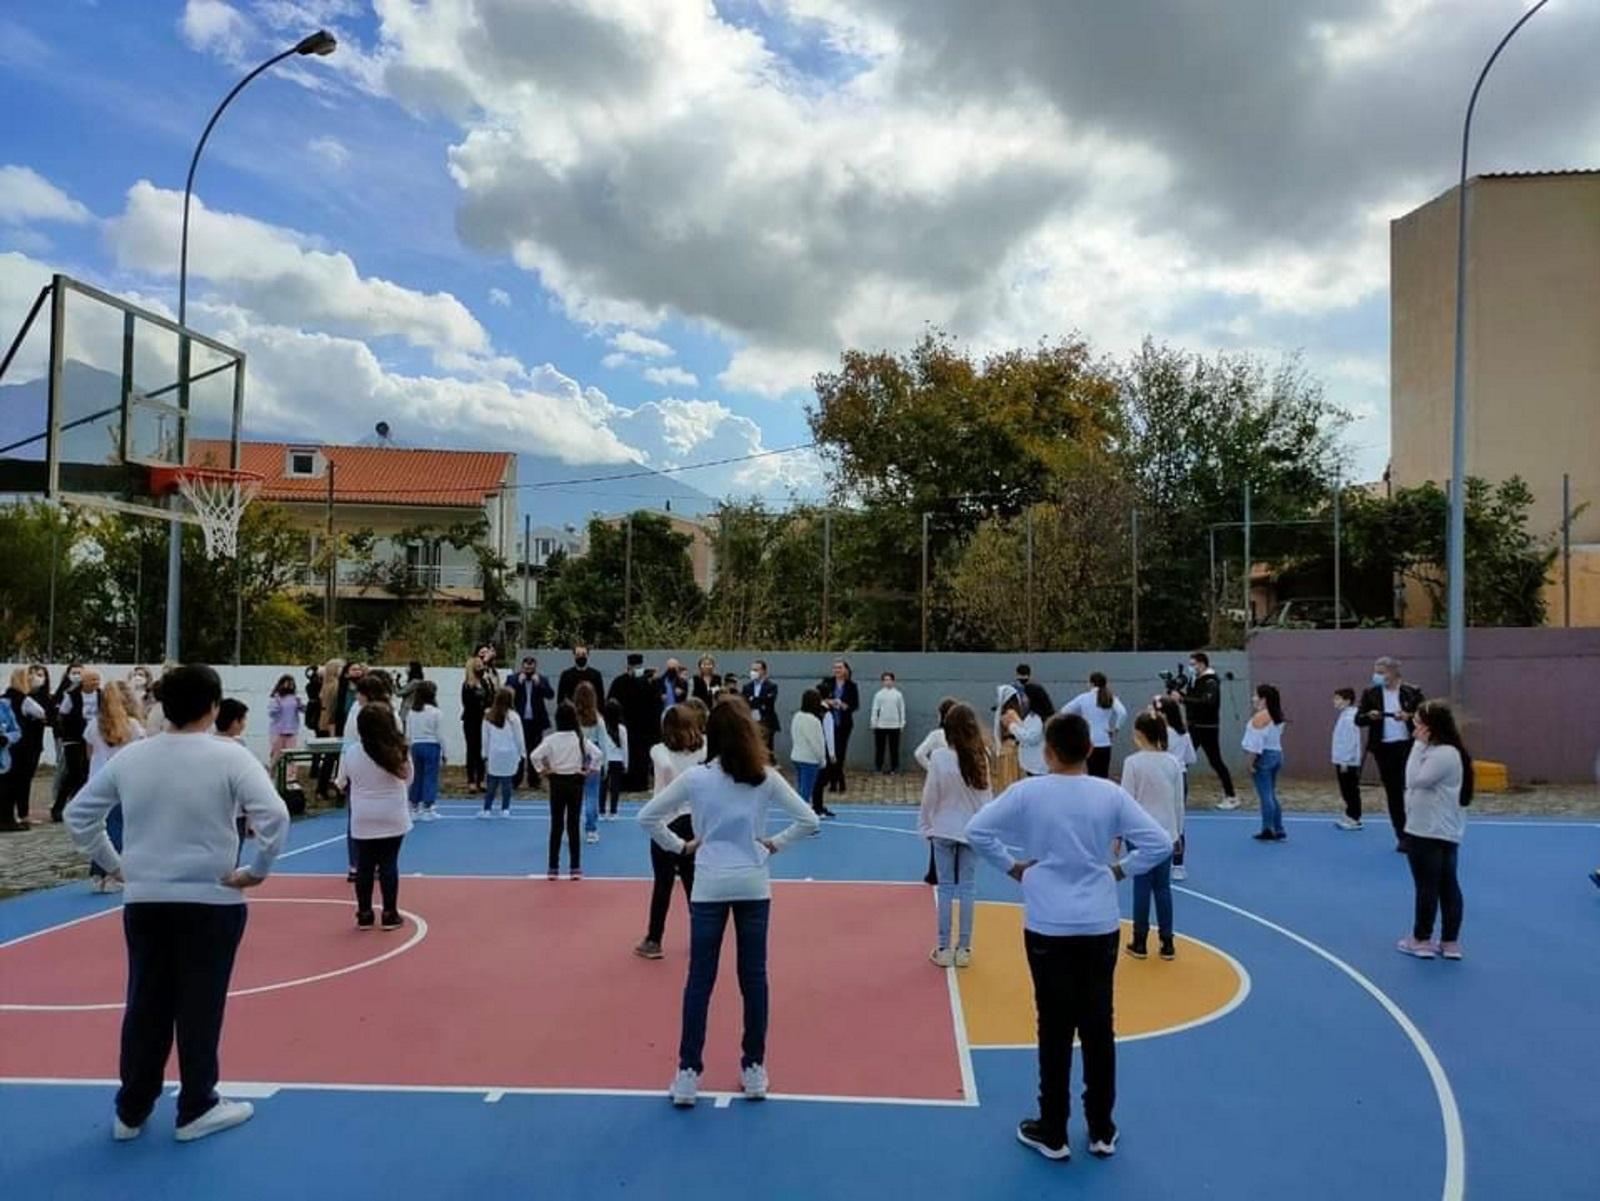 Παραδόθηκαν στα παιδιά της Σαμοθράκης τα γήπεδα που υποσχέθηκε ο Κυριάκος Μητσοτάκης